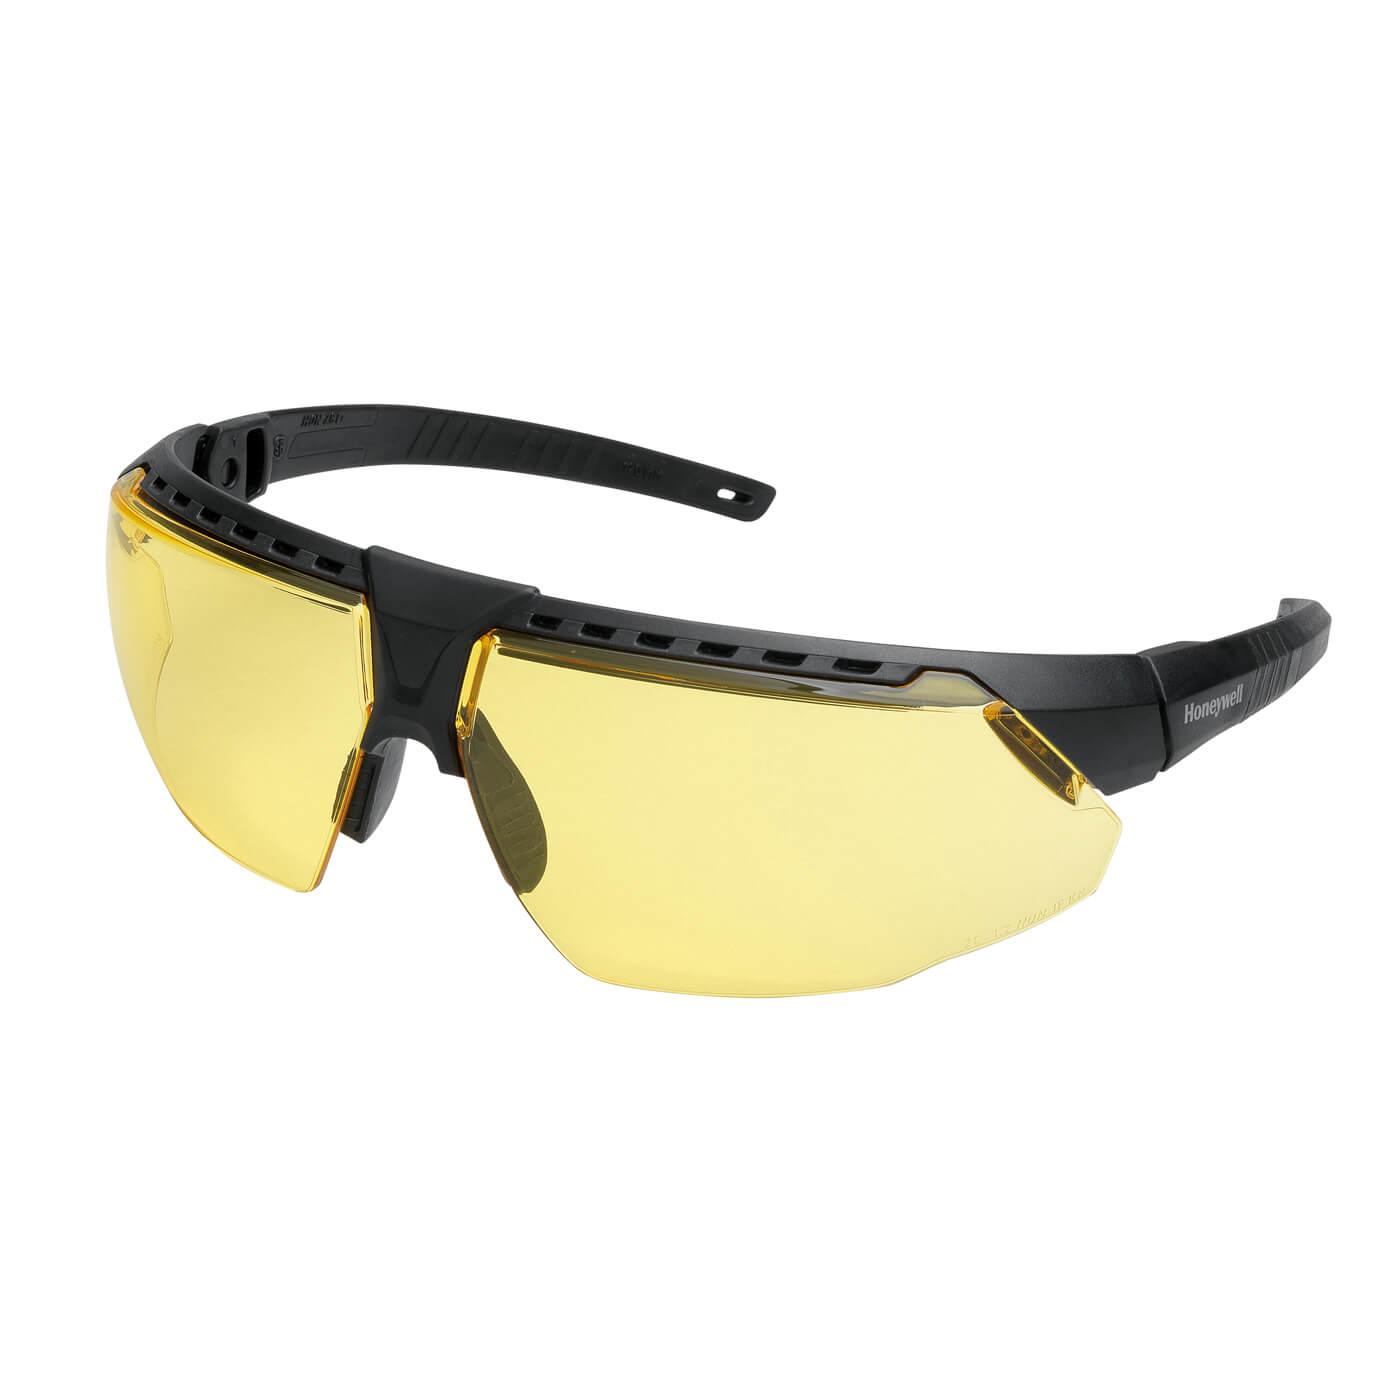 Okulary ochronne Avatar 1034833 Honeywell żółta soczewka